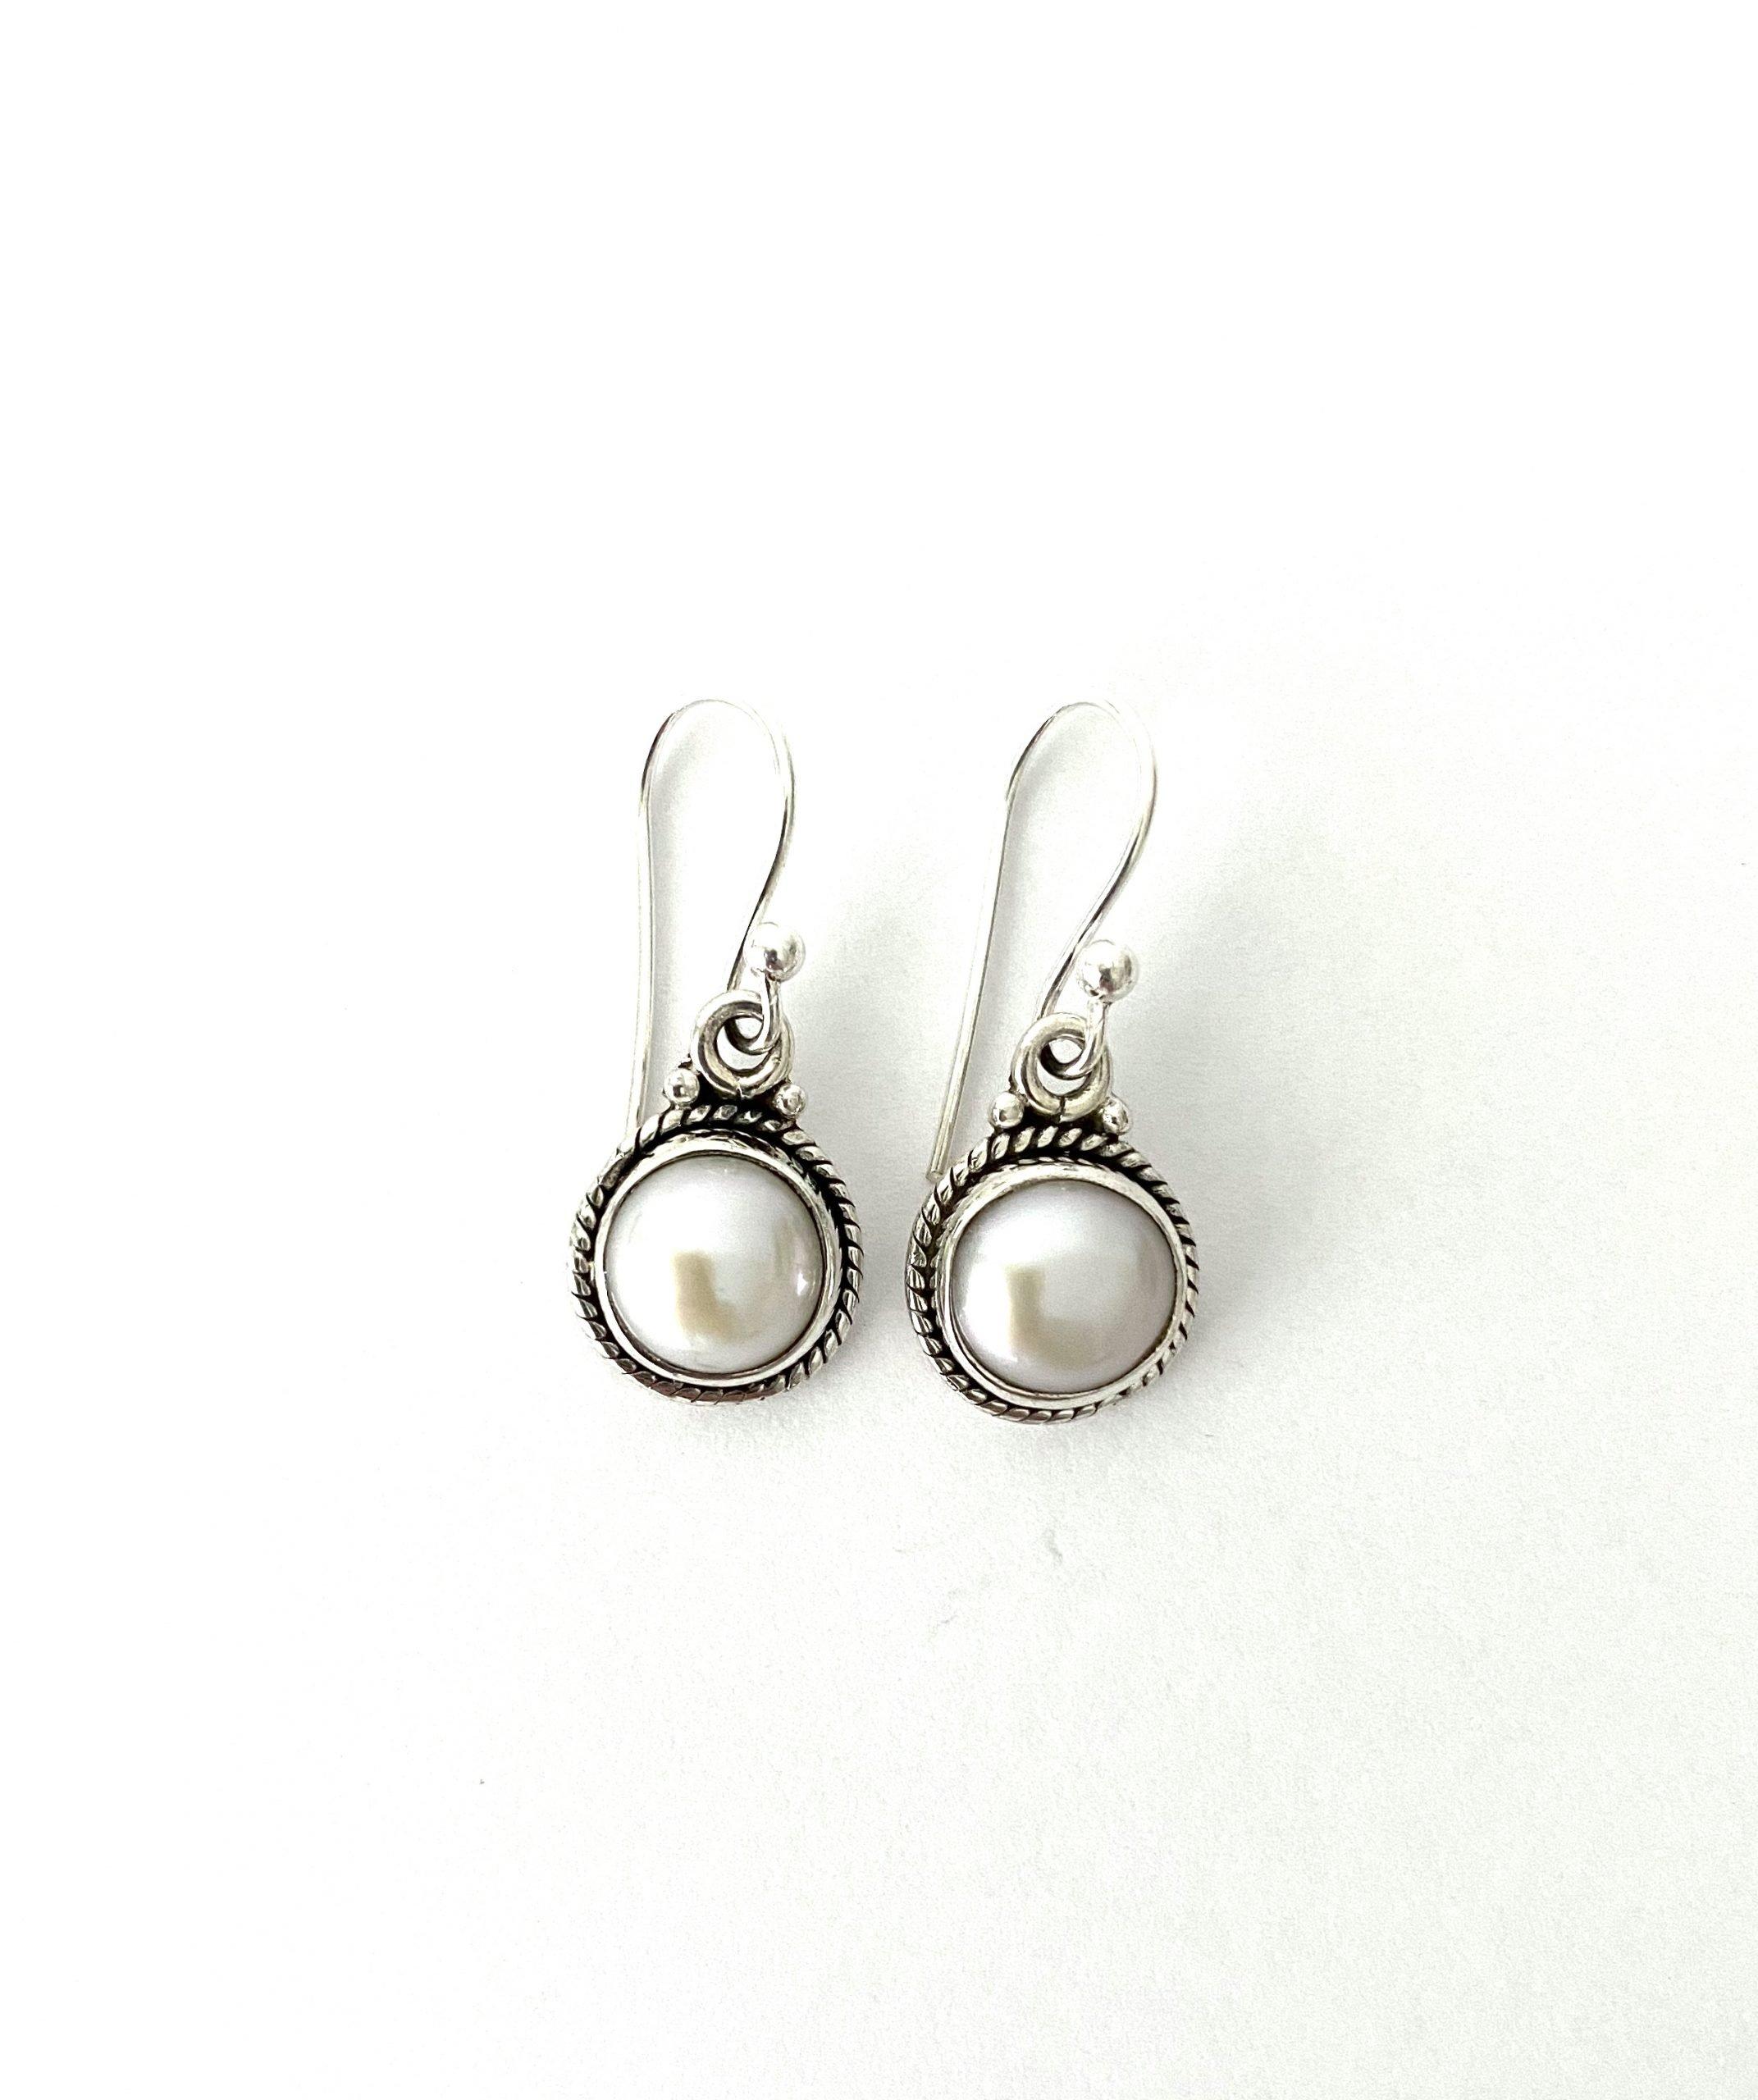 Zilveren oorbellen met een parel